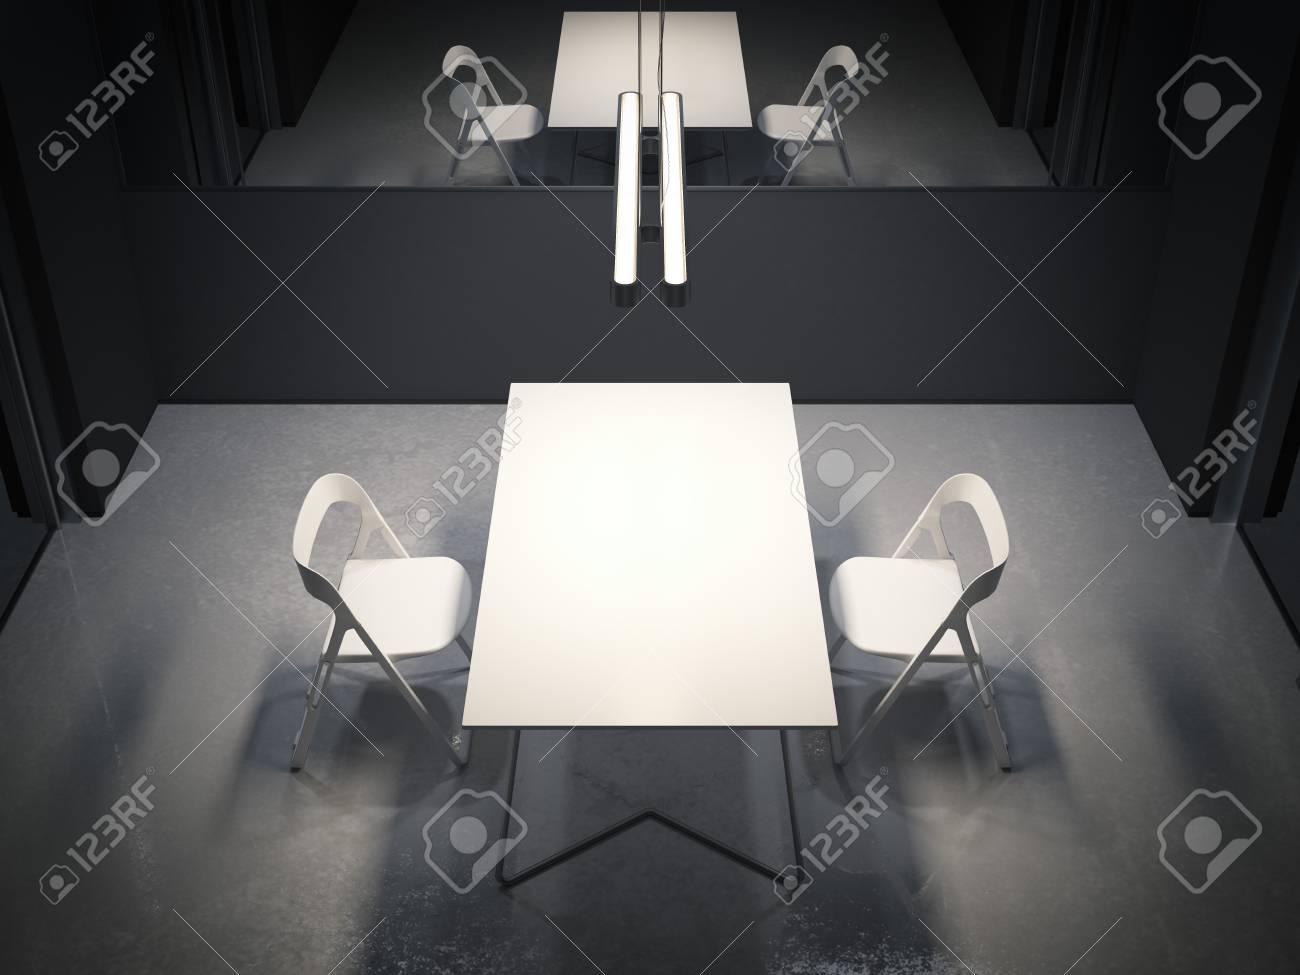 Dunkler Raum Für Verhör Mit Zwei Weißen Stühlen 3d Rendering